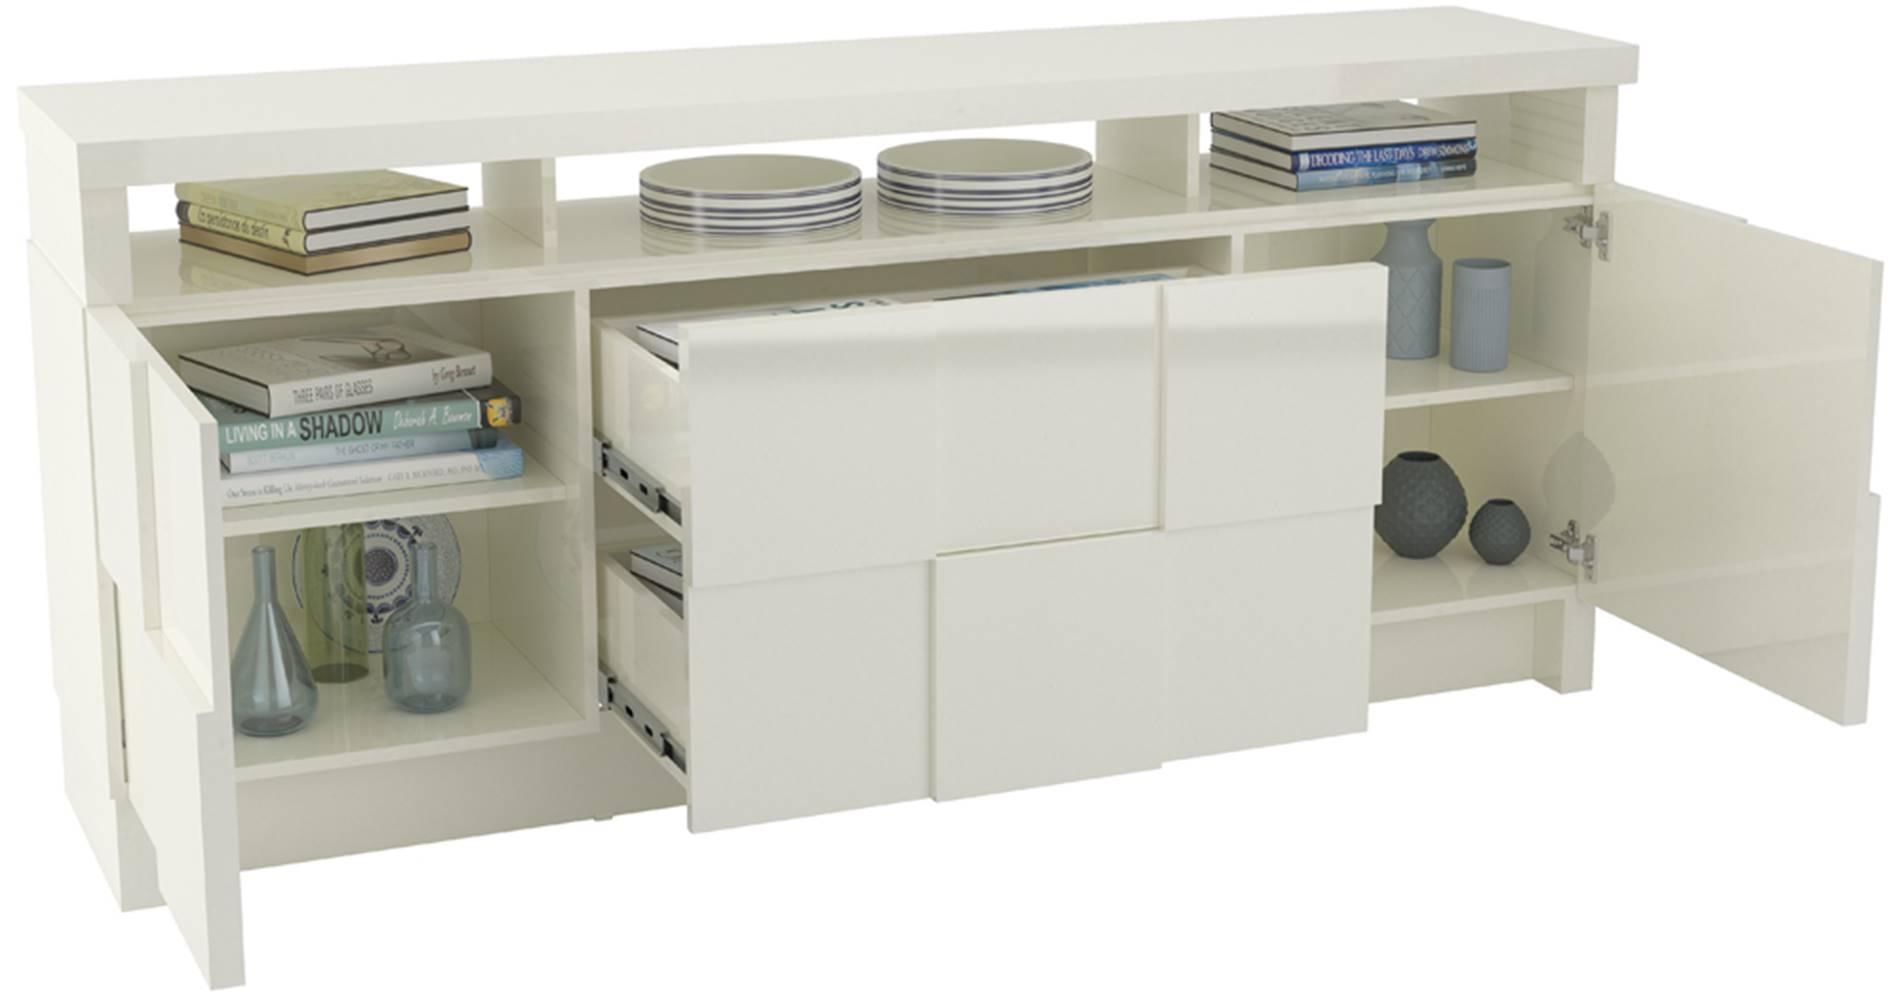 Buffet Ornato Quadriculado com 2 Portas e 2 Gavetas cor Off White 1,76 MT (LARG) - 44898